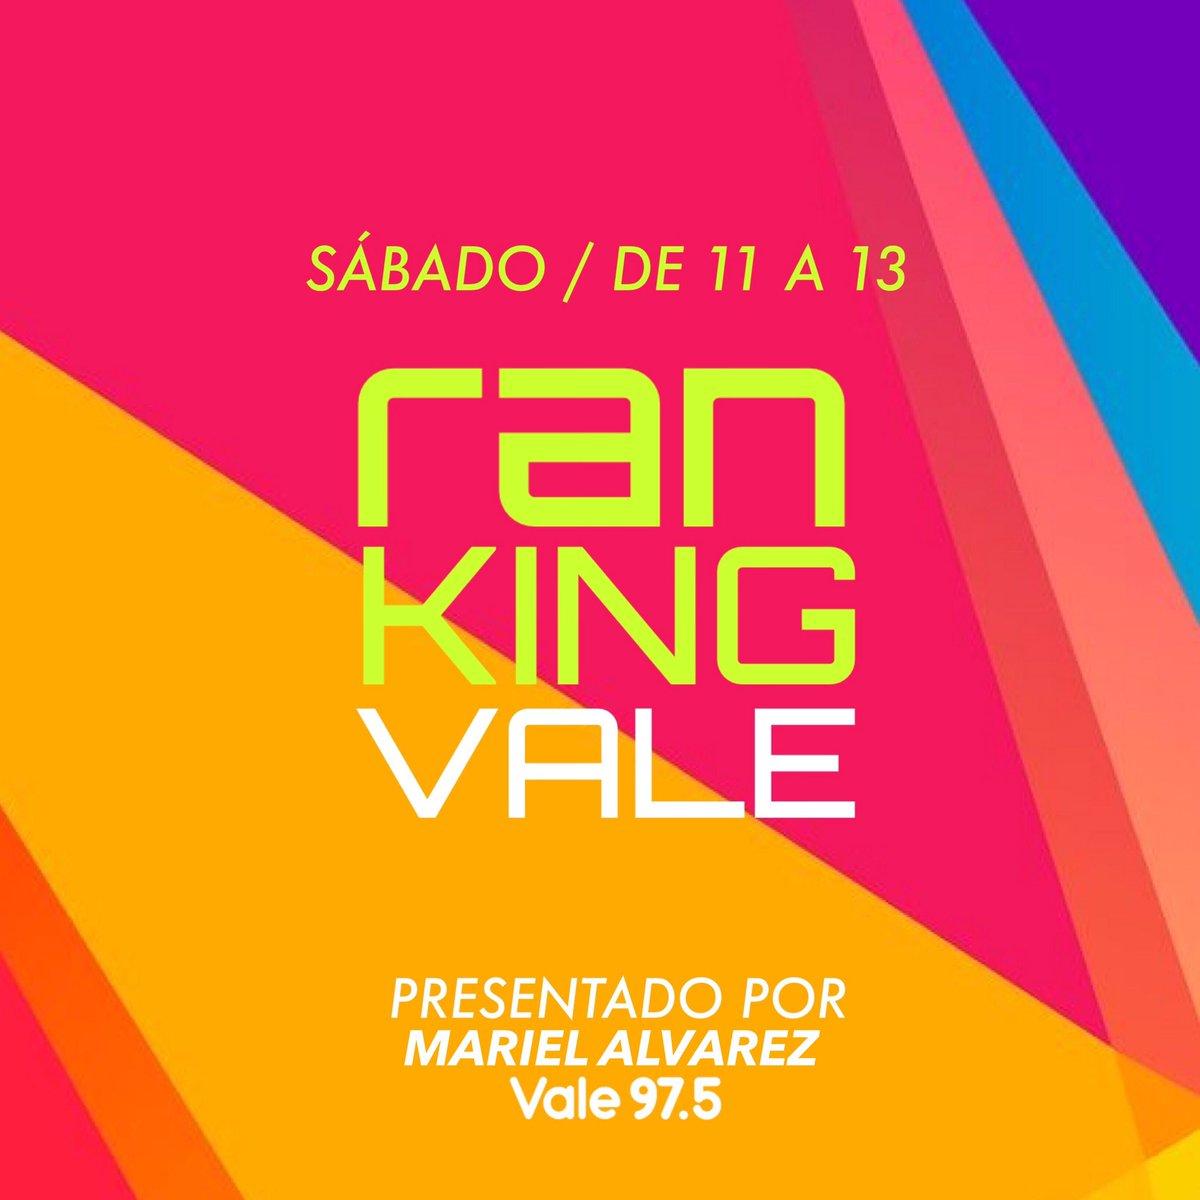 Hoy desde las 11, la lista de éxitos más calientes de la Argentina! 🇦🇷🔥#RankingVale 💥🏆🎤 Presentado por:  🎙> @marielalvarez1  Podés escucharlo: 📻> En tu radio FM 97.5 📱> En nuestra App Radio Vale 💻> En   Estás listo? 🙌